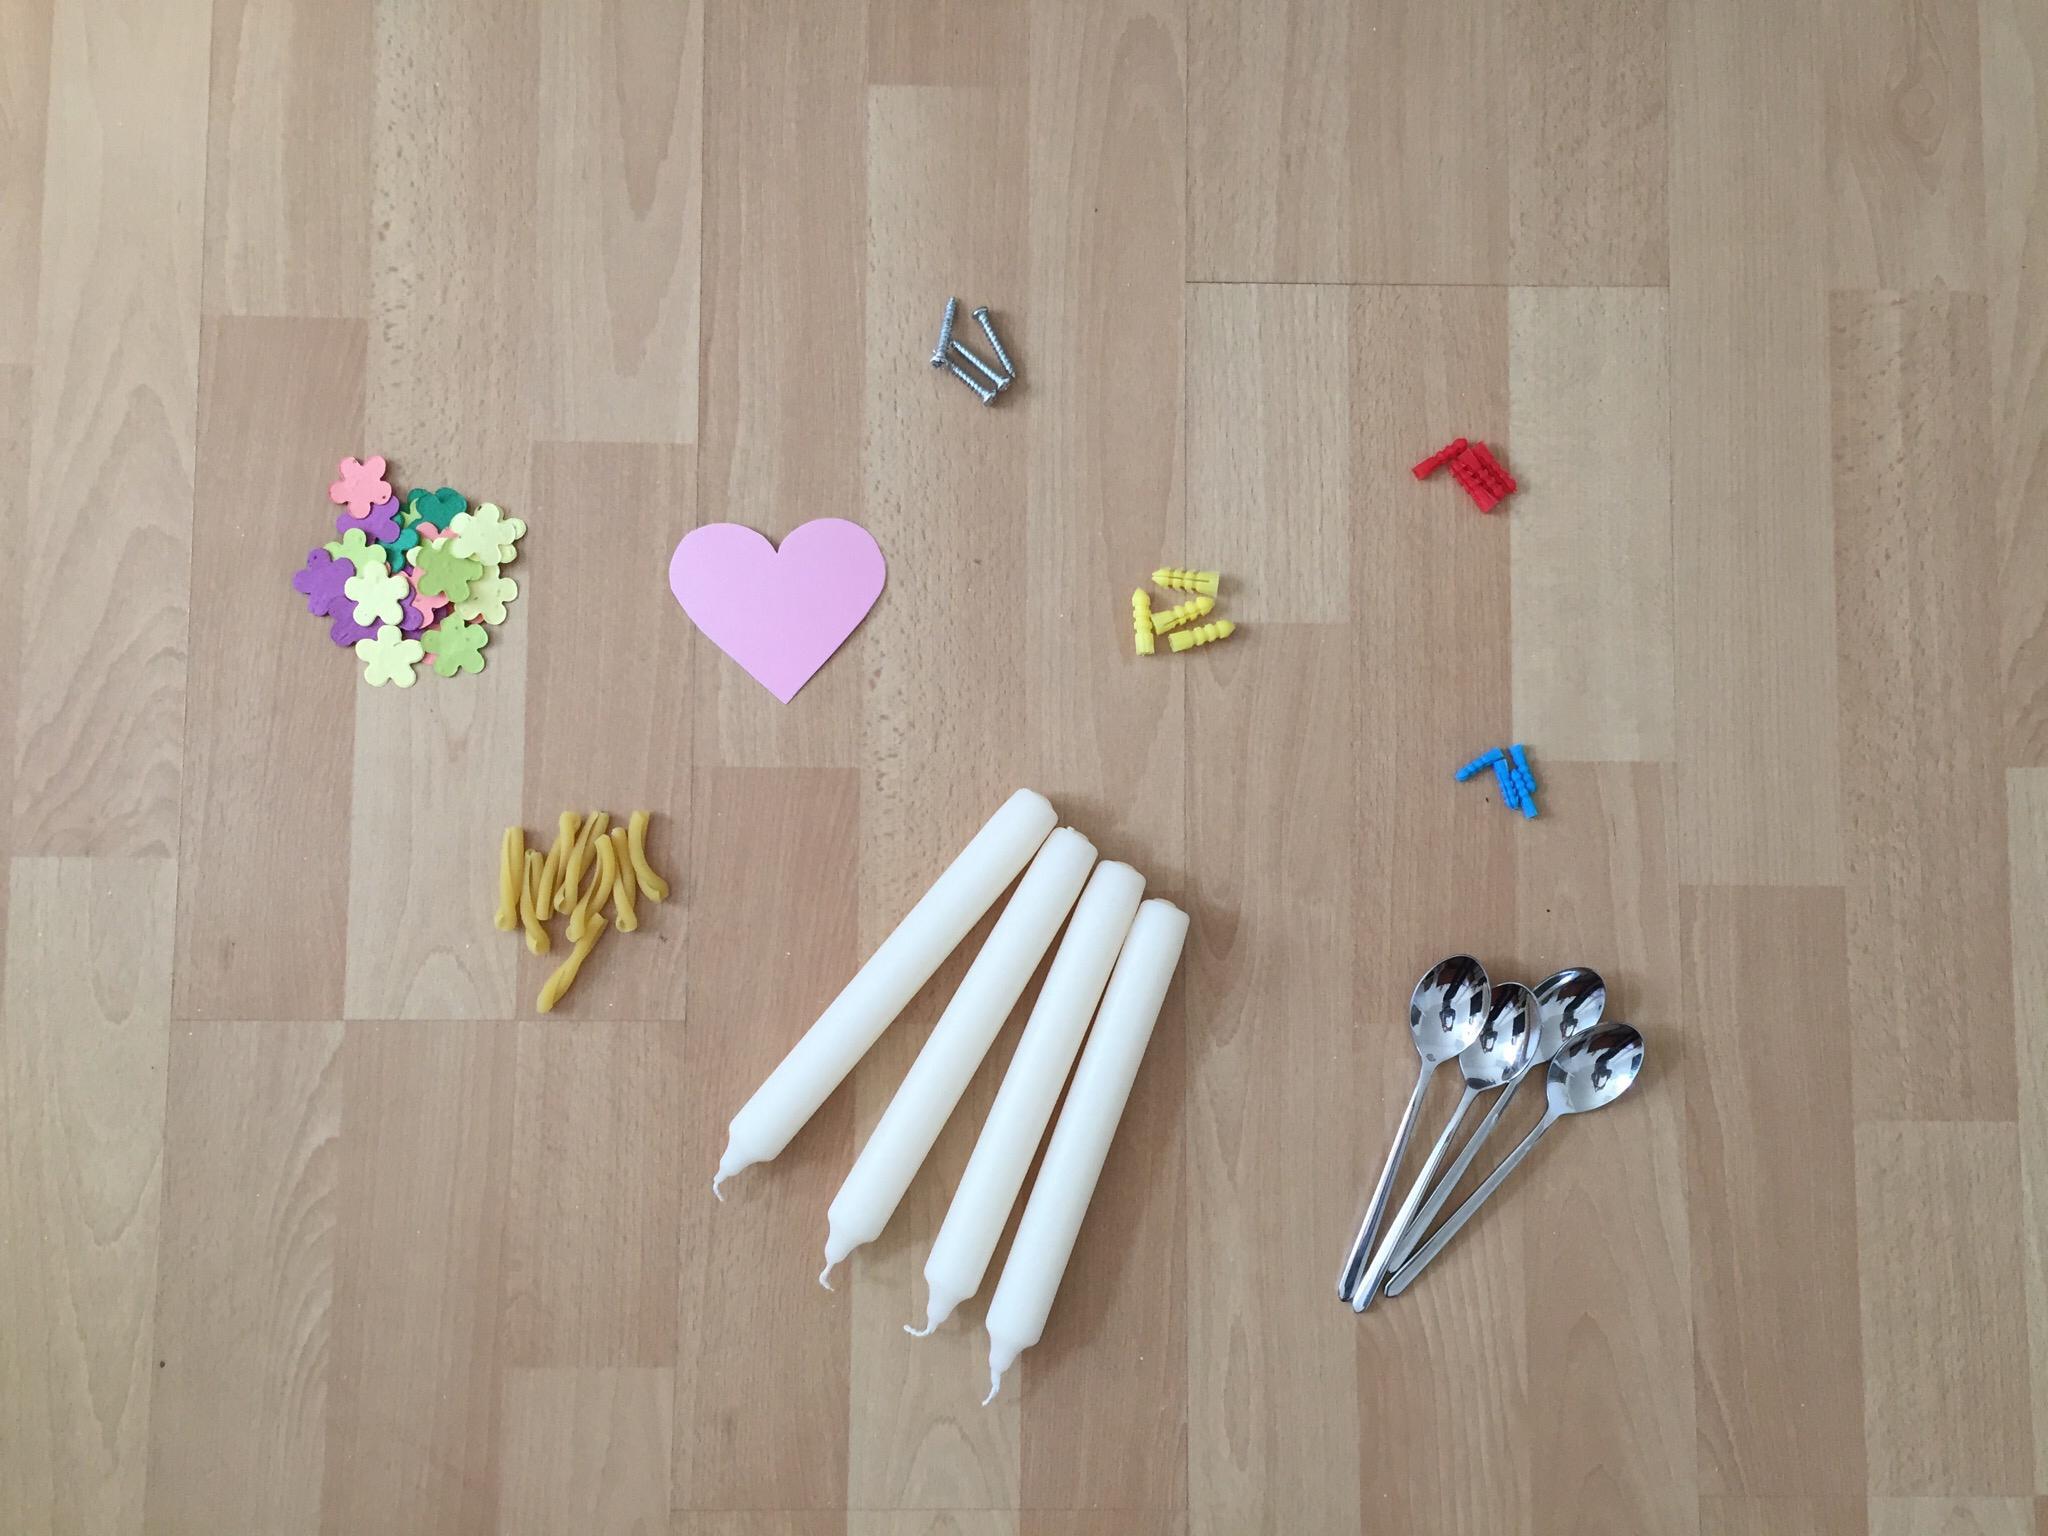 Suche in deiner Wohnung verschiedene Dinge, mit welchen du ein Mandala legen kannst.